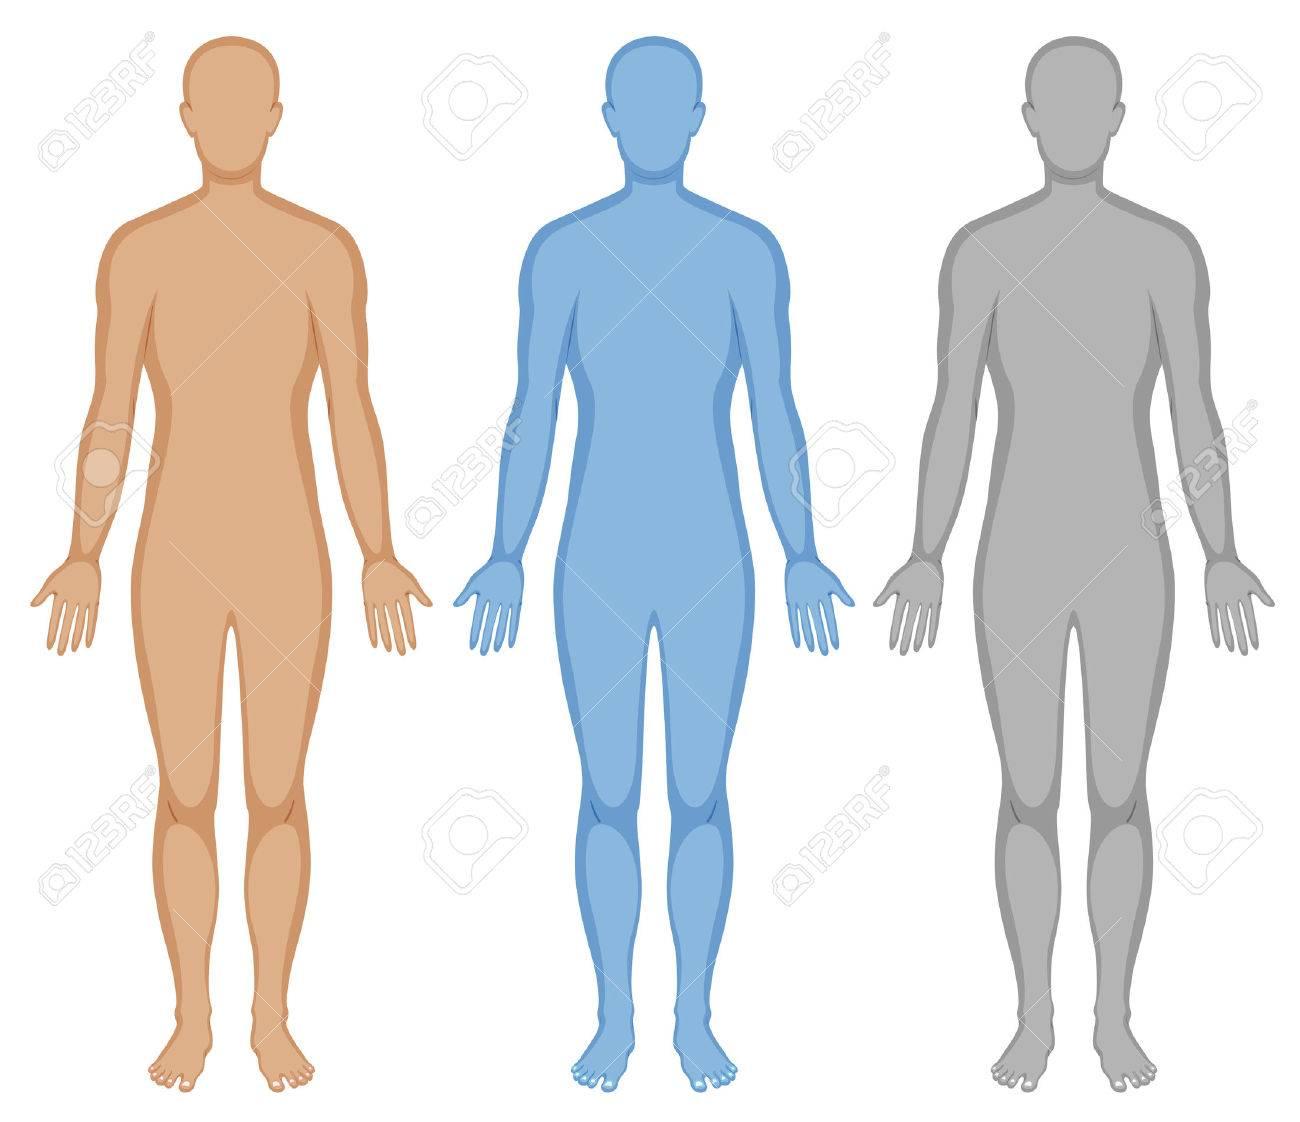 Silueta De Un Cuerpo Humano En Tres Colores Ilustración ...